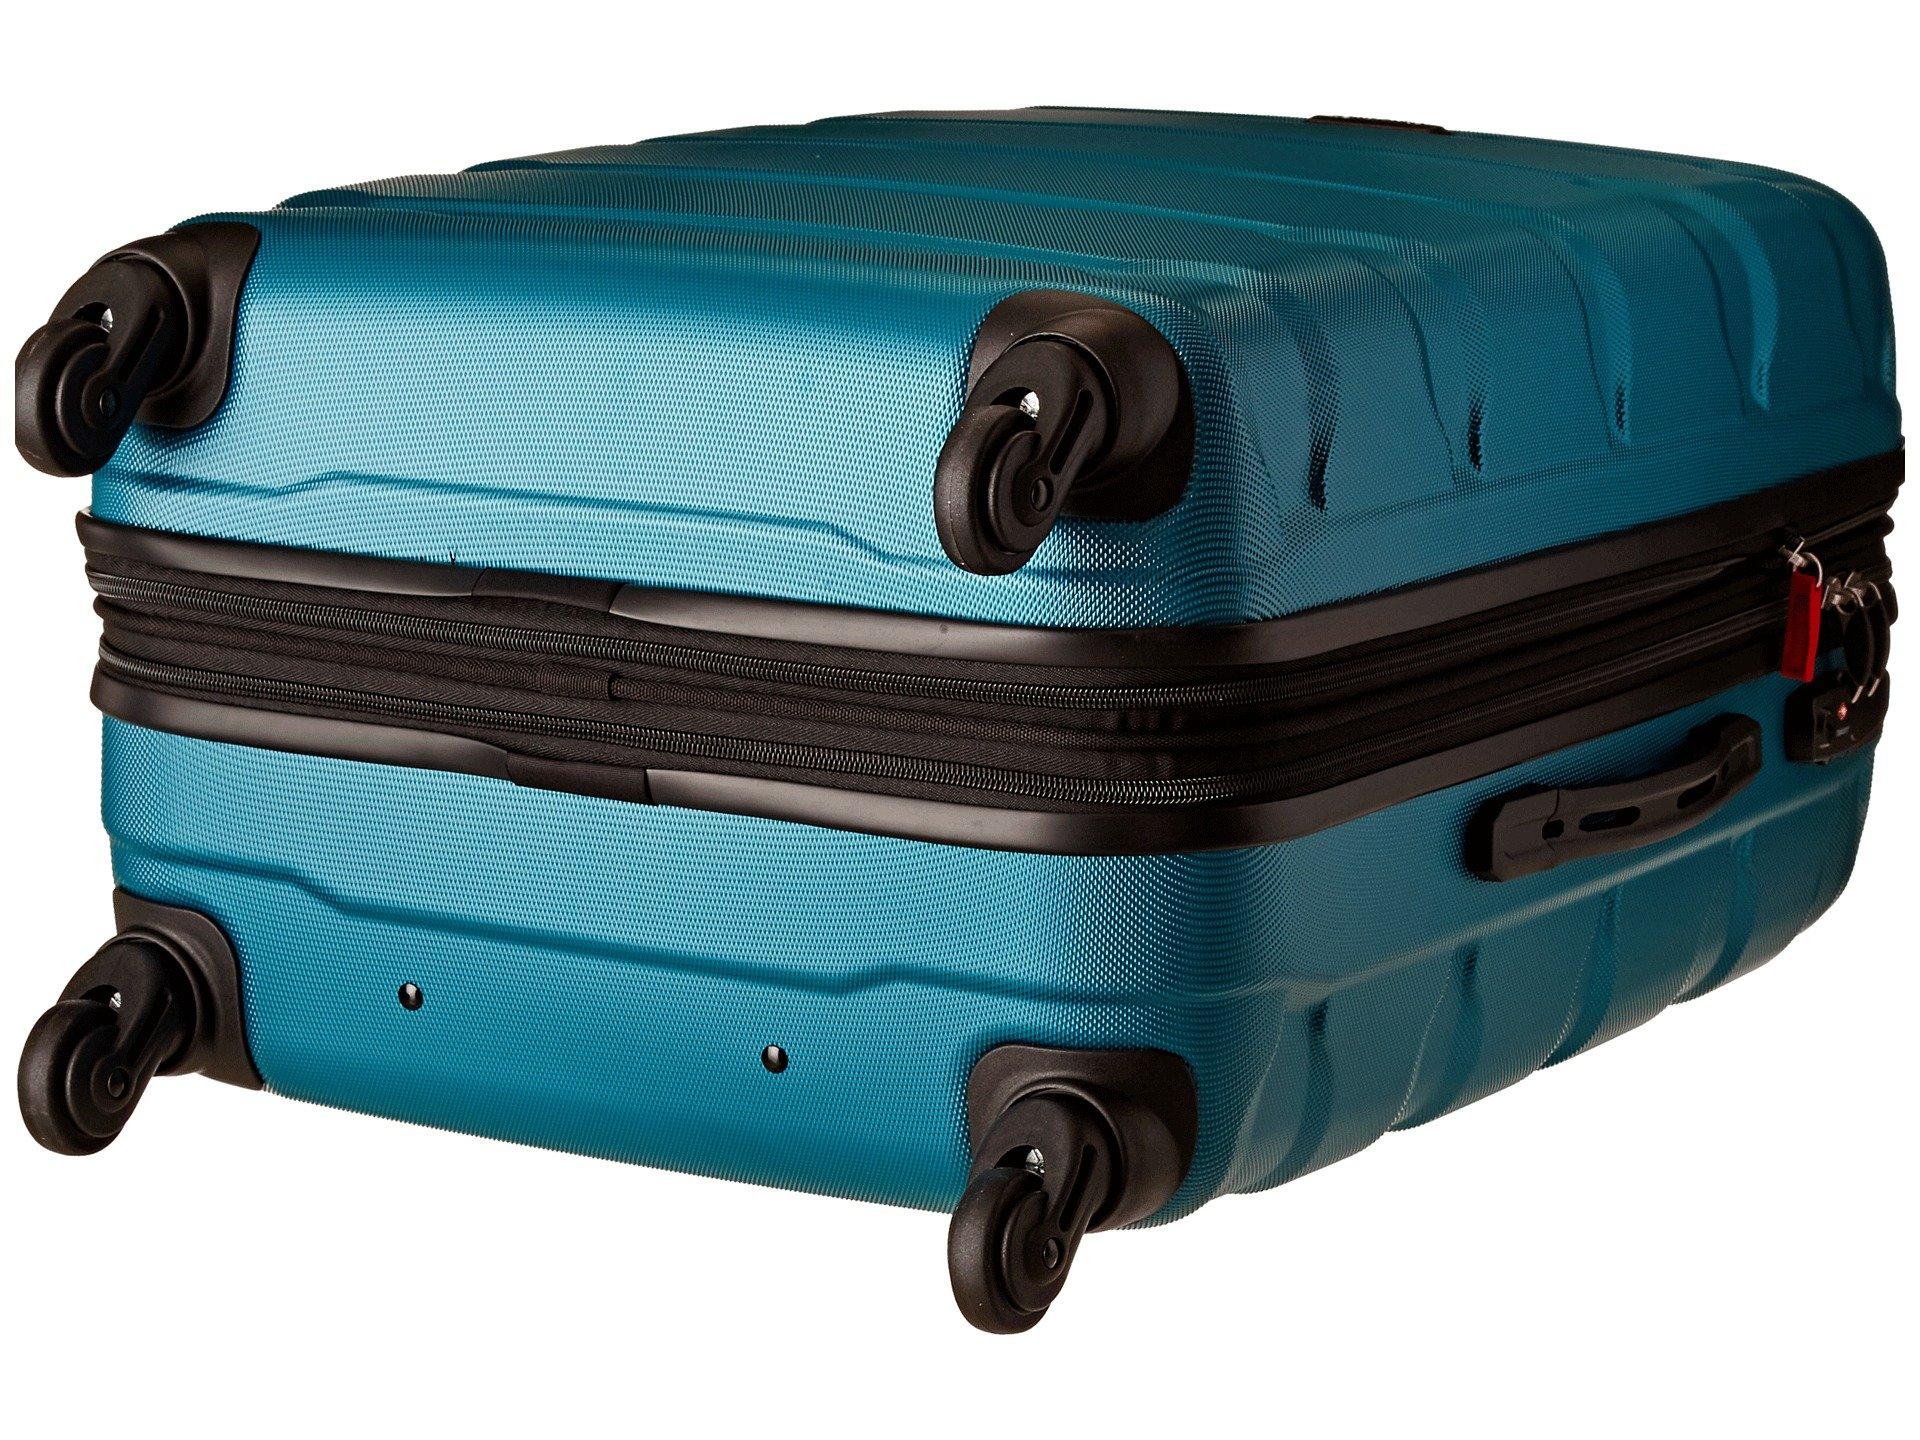 Spinner Samsonite Pc Caribbean Blue 24